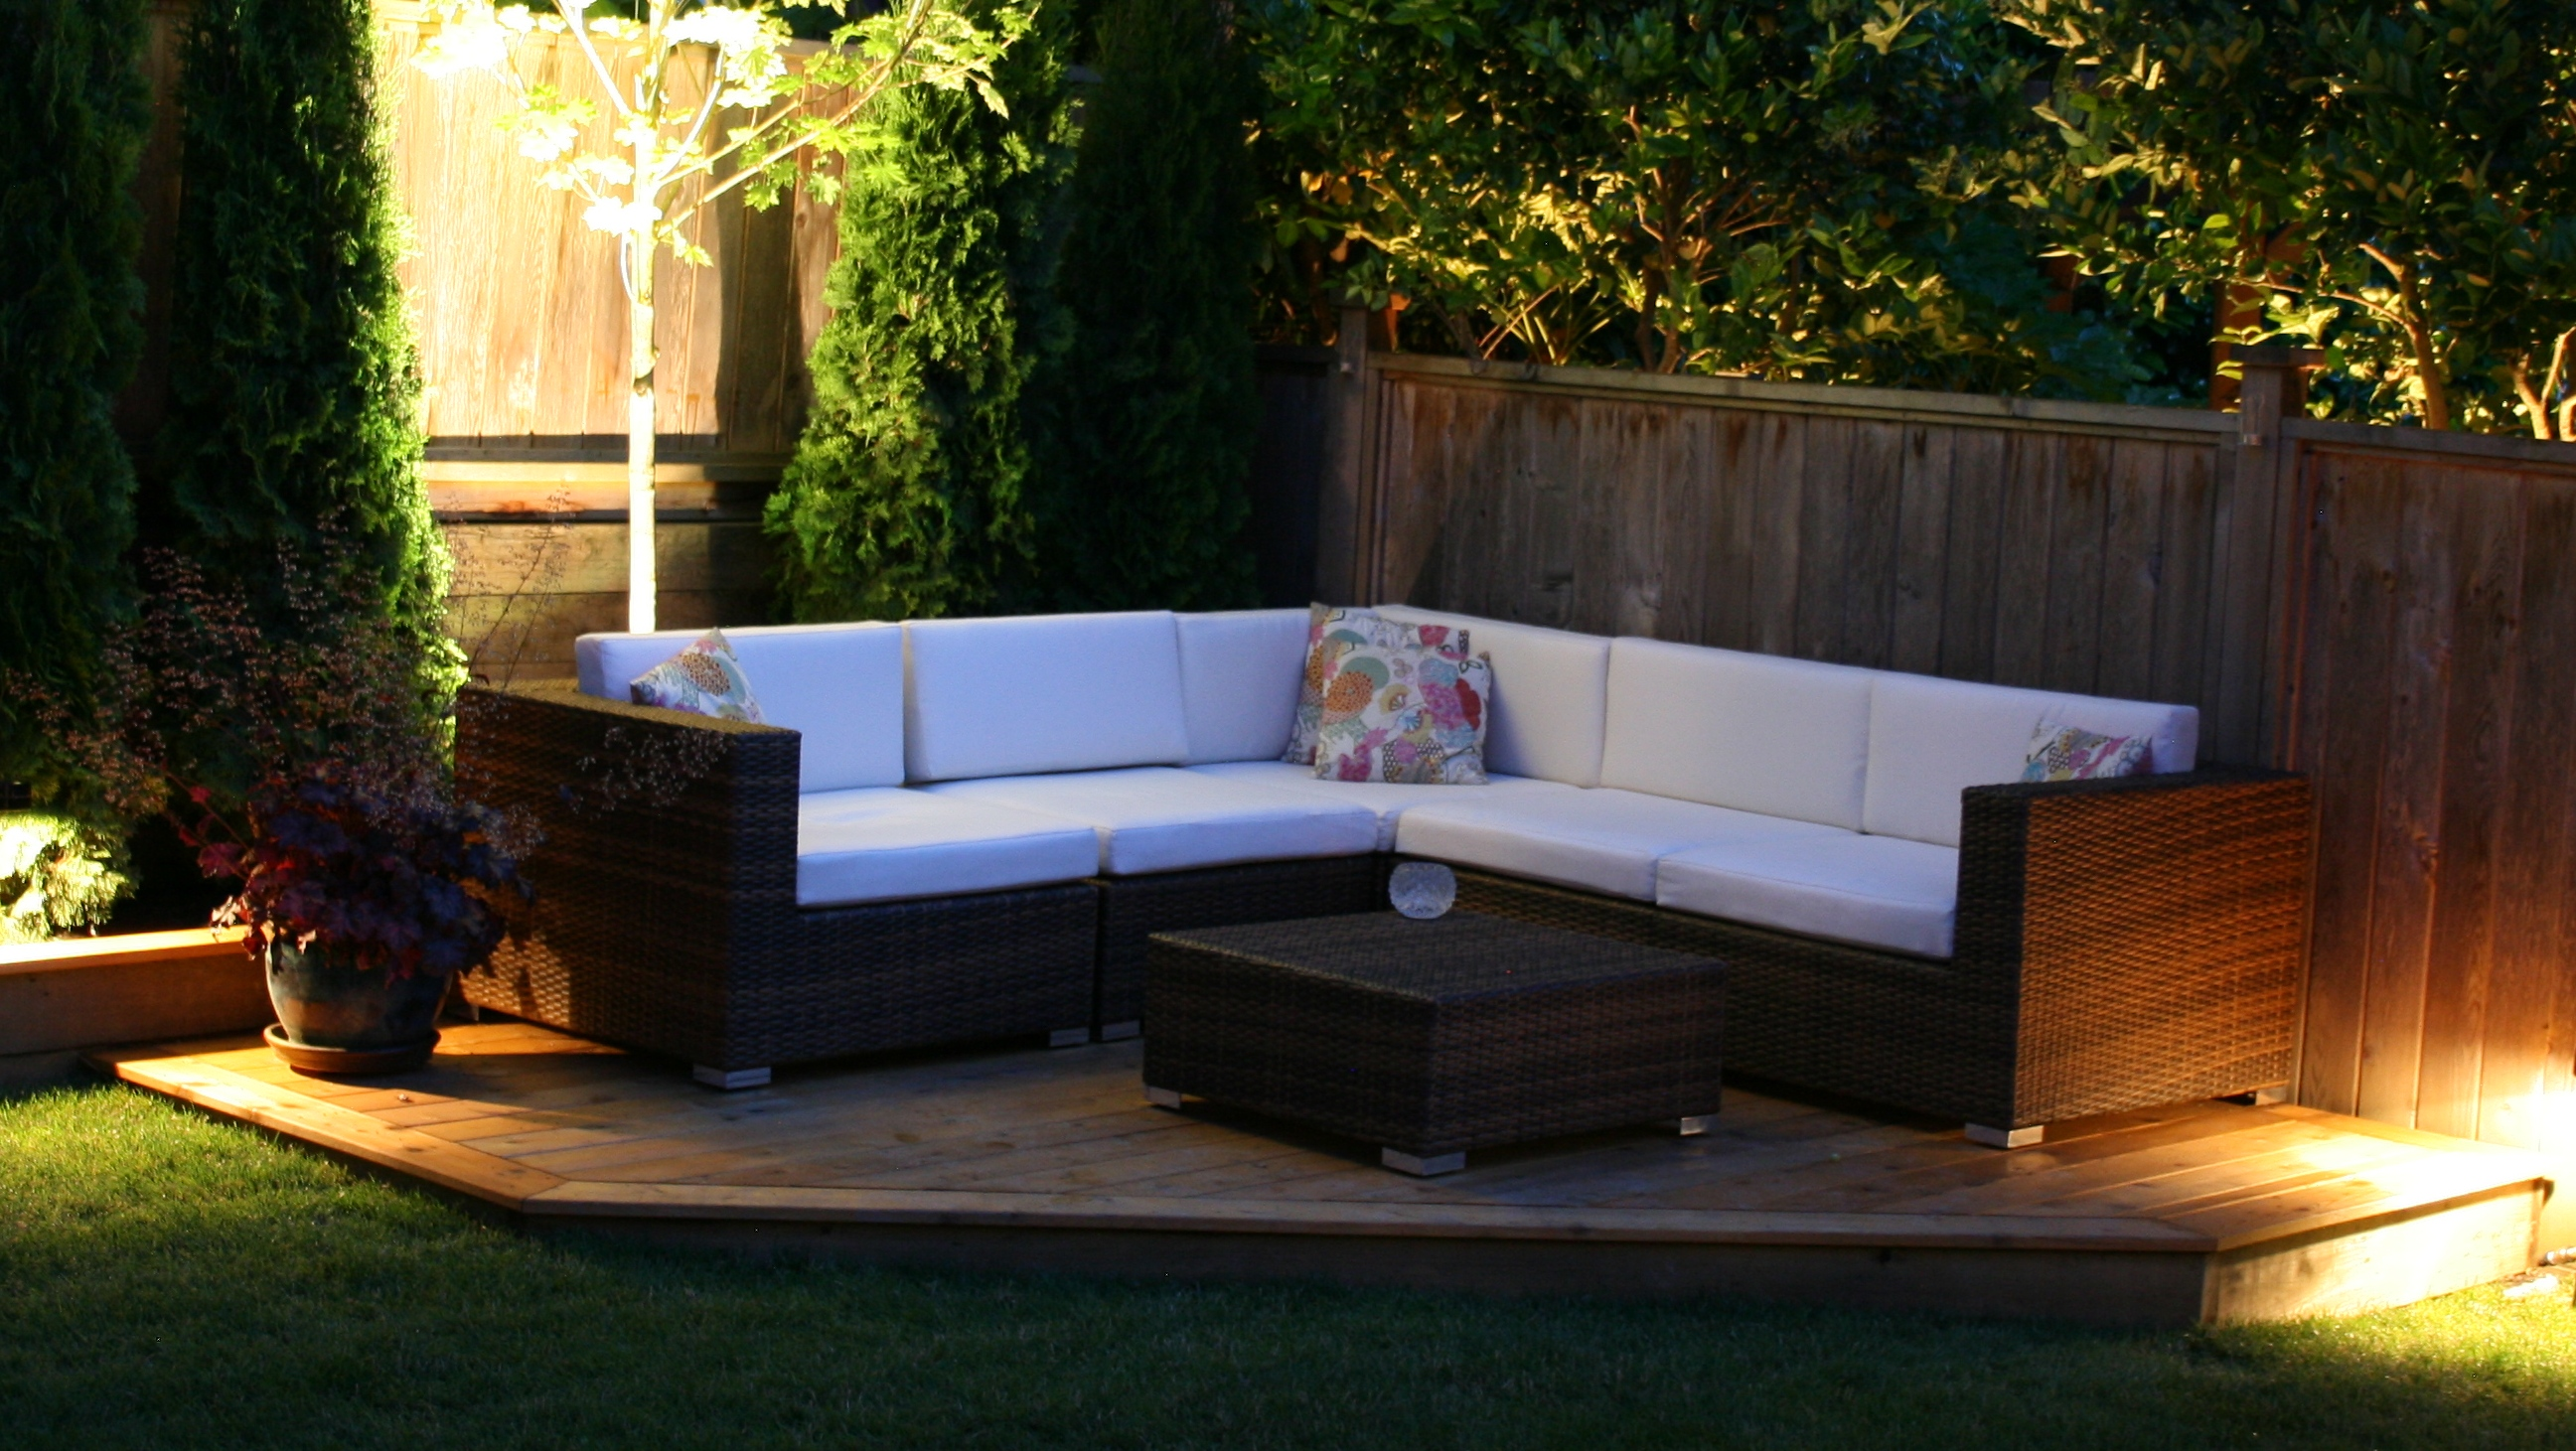 The Kitsilano Outdoor Patio Sectional Vancouver Sofa pany